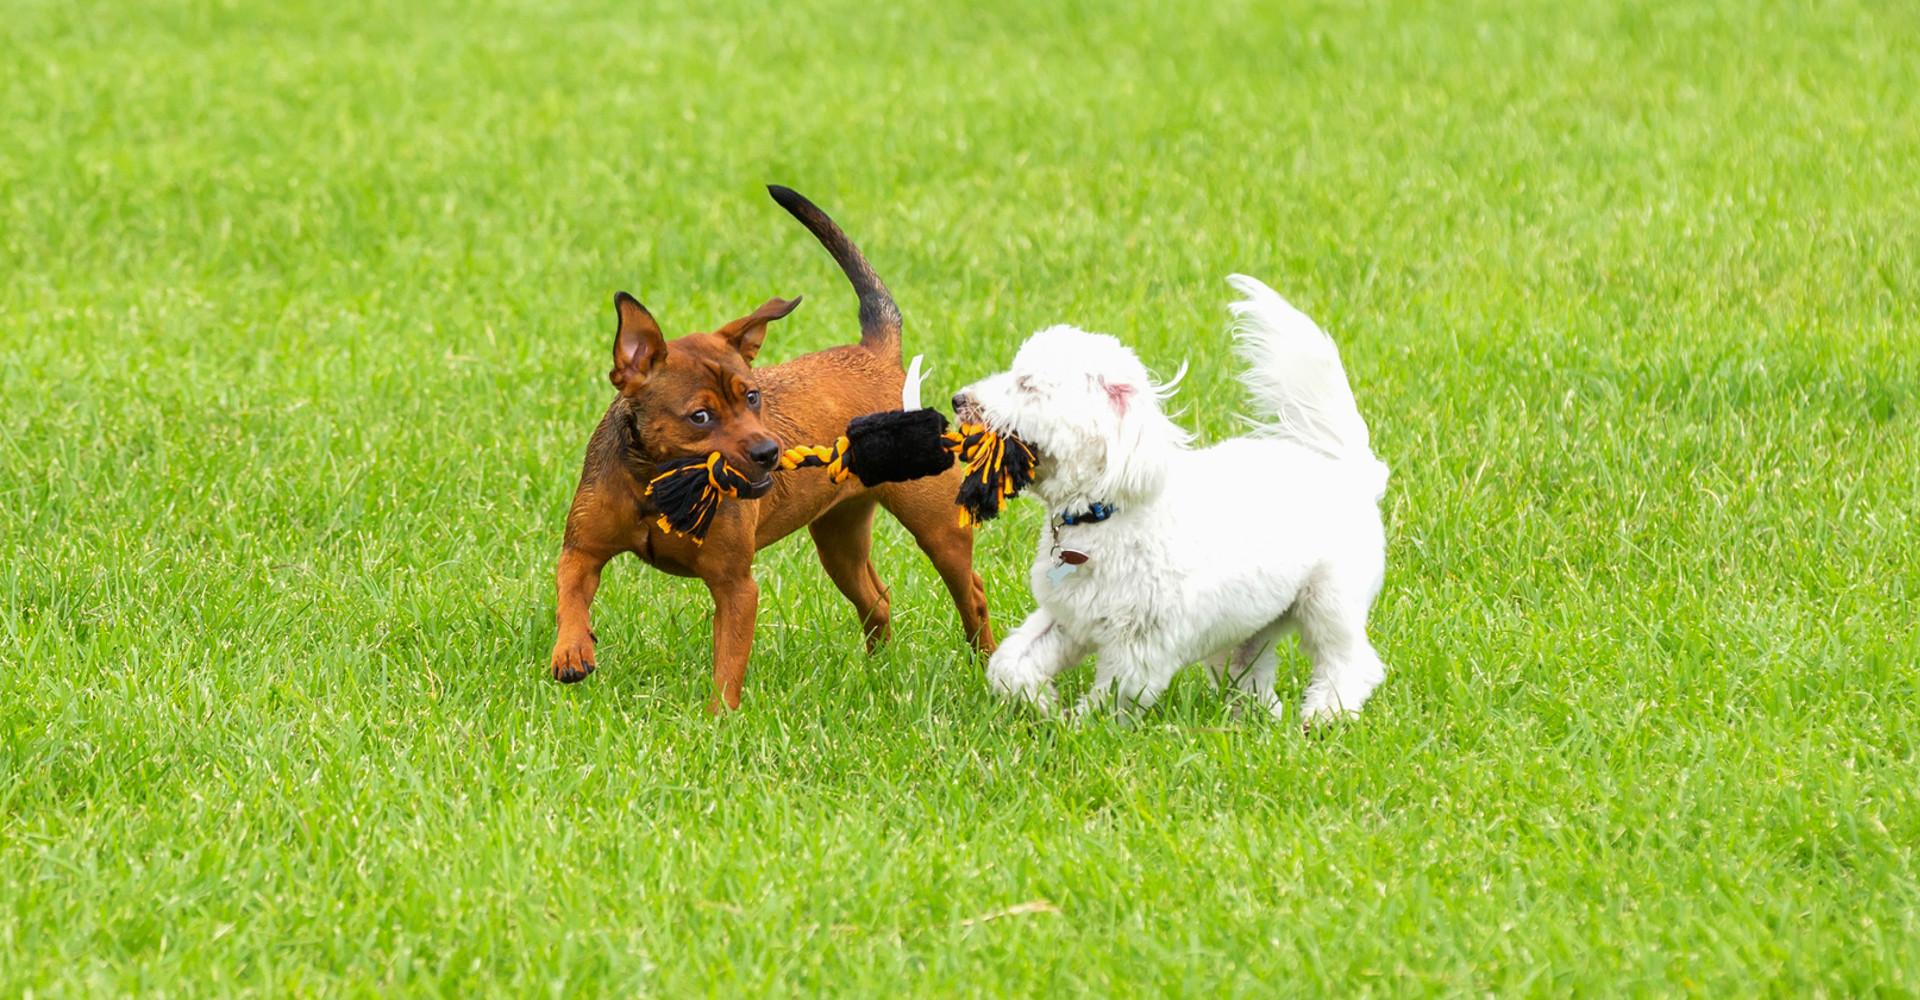 Zwei Hunde spielen Tauziehen auf einer Wiese